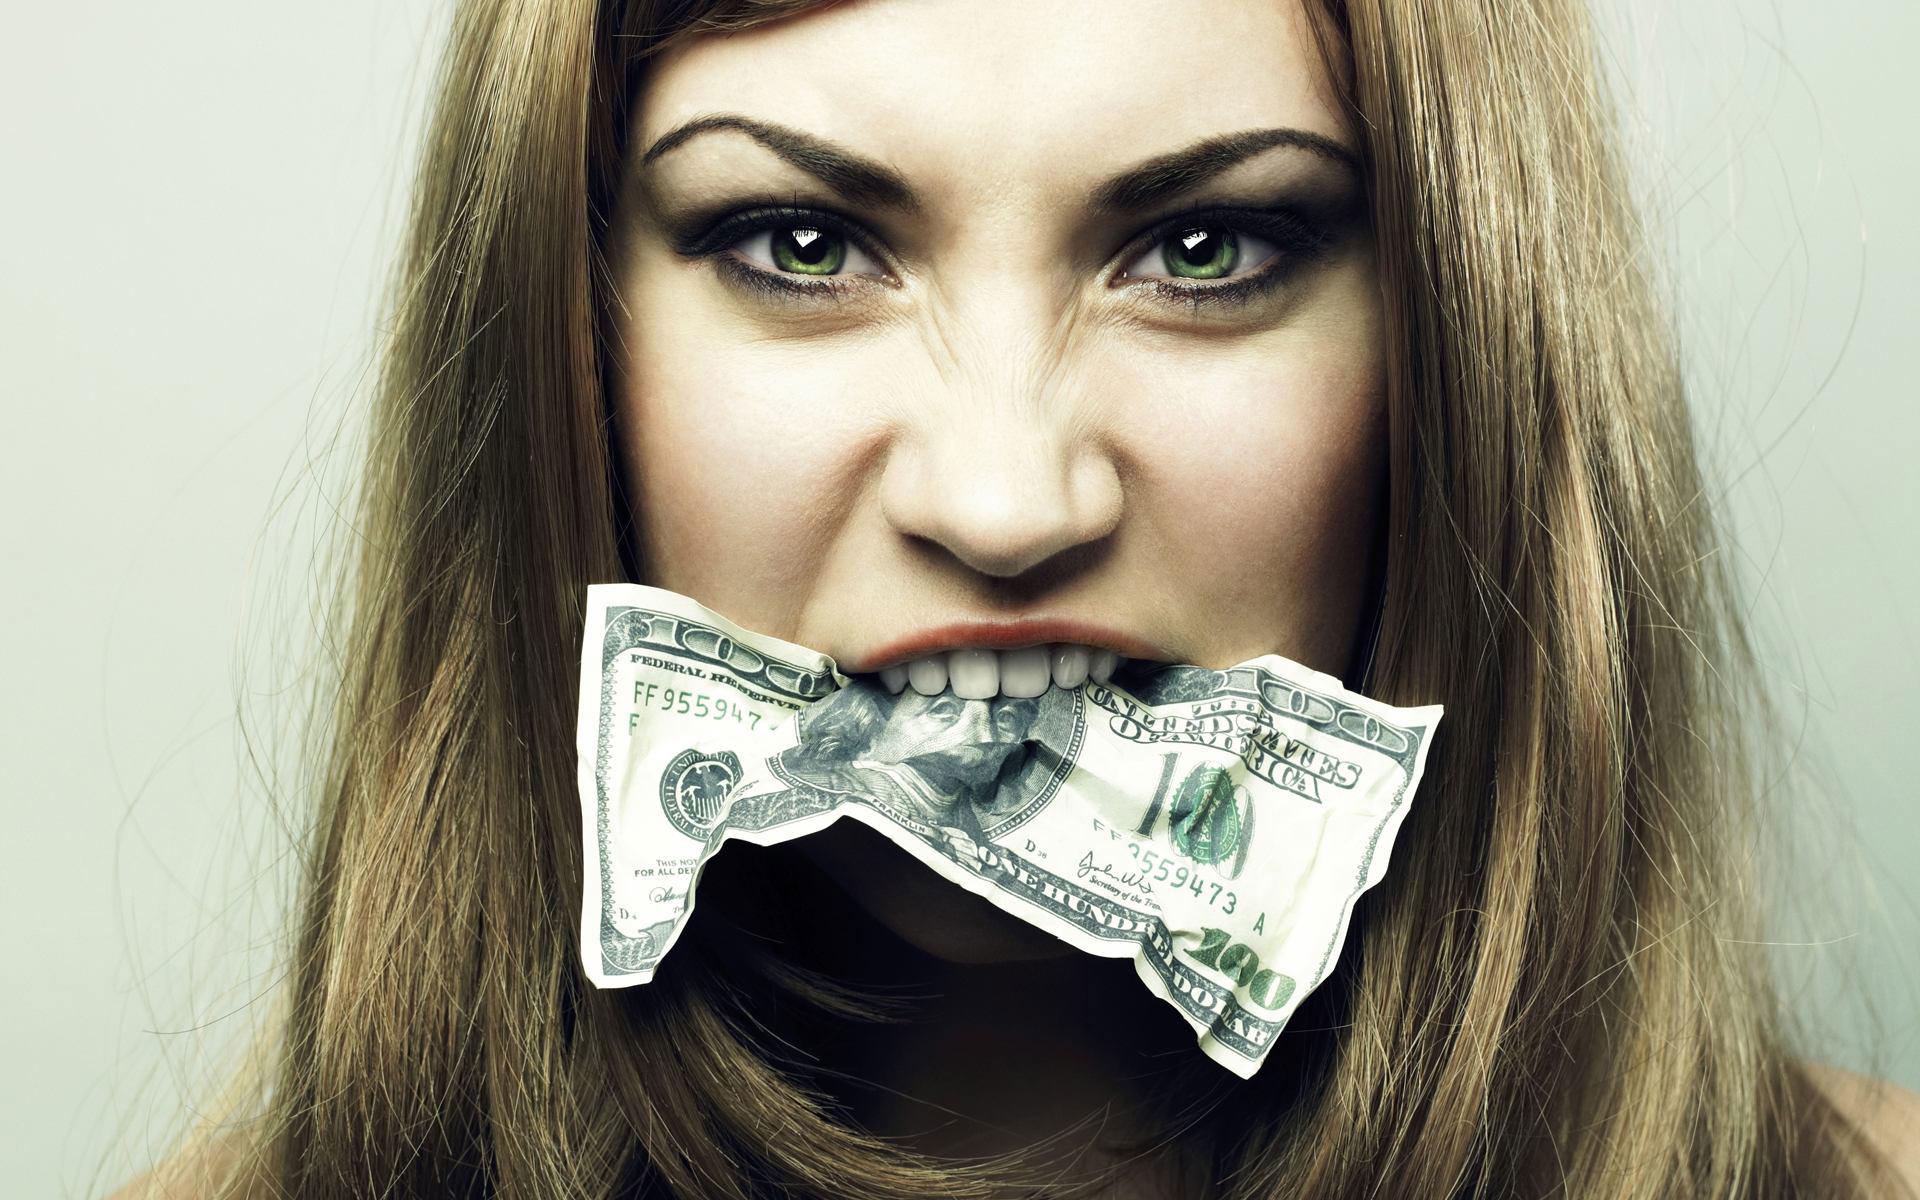 Вебинар: Как вывести свои деньги с расчетного счета организации?